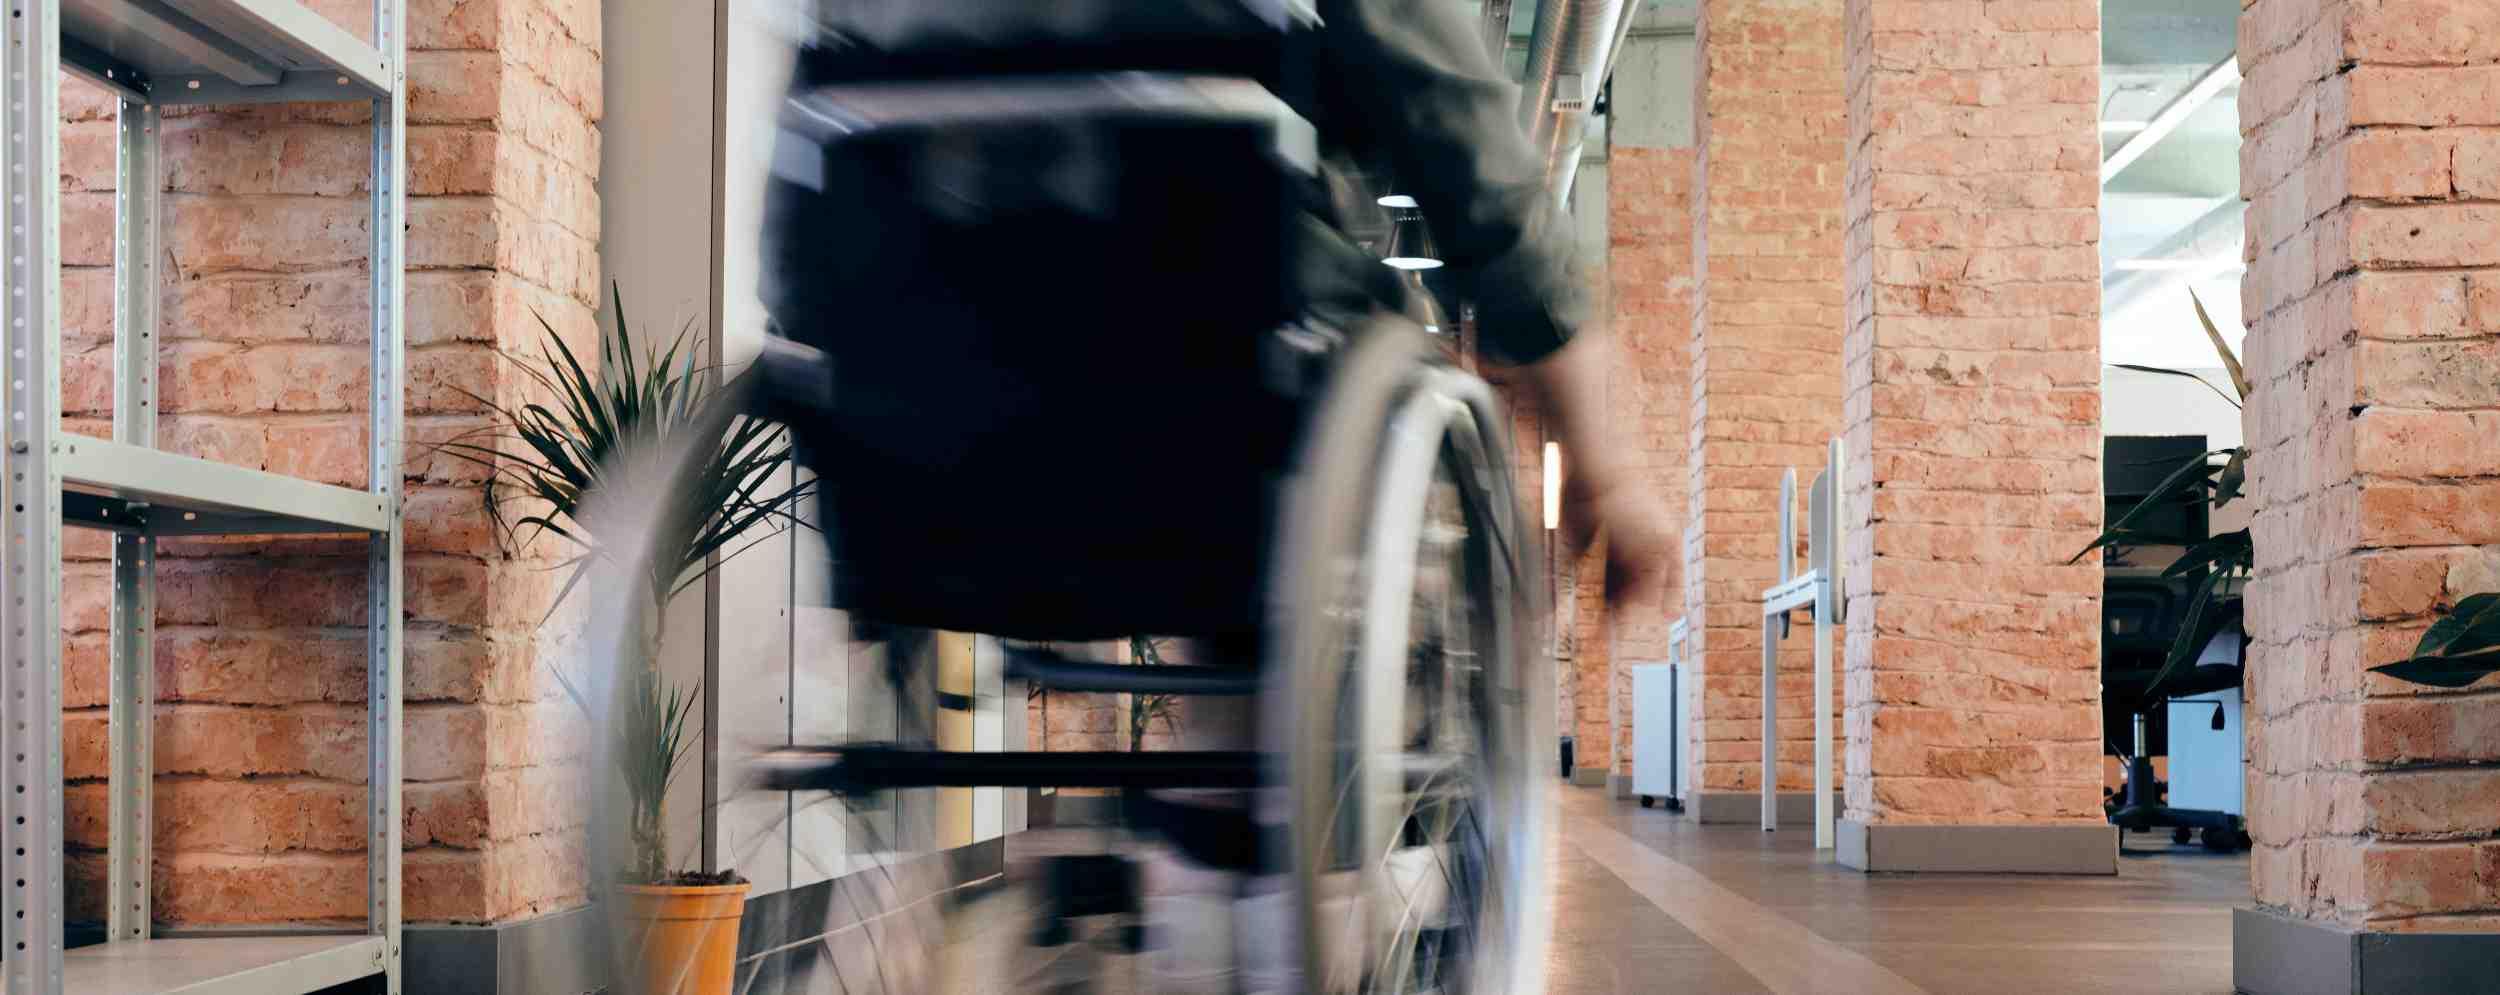 ORTHOtechnik_Titelbild_News_von_Behinderung_nicht_hindern